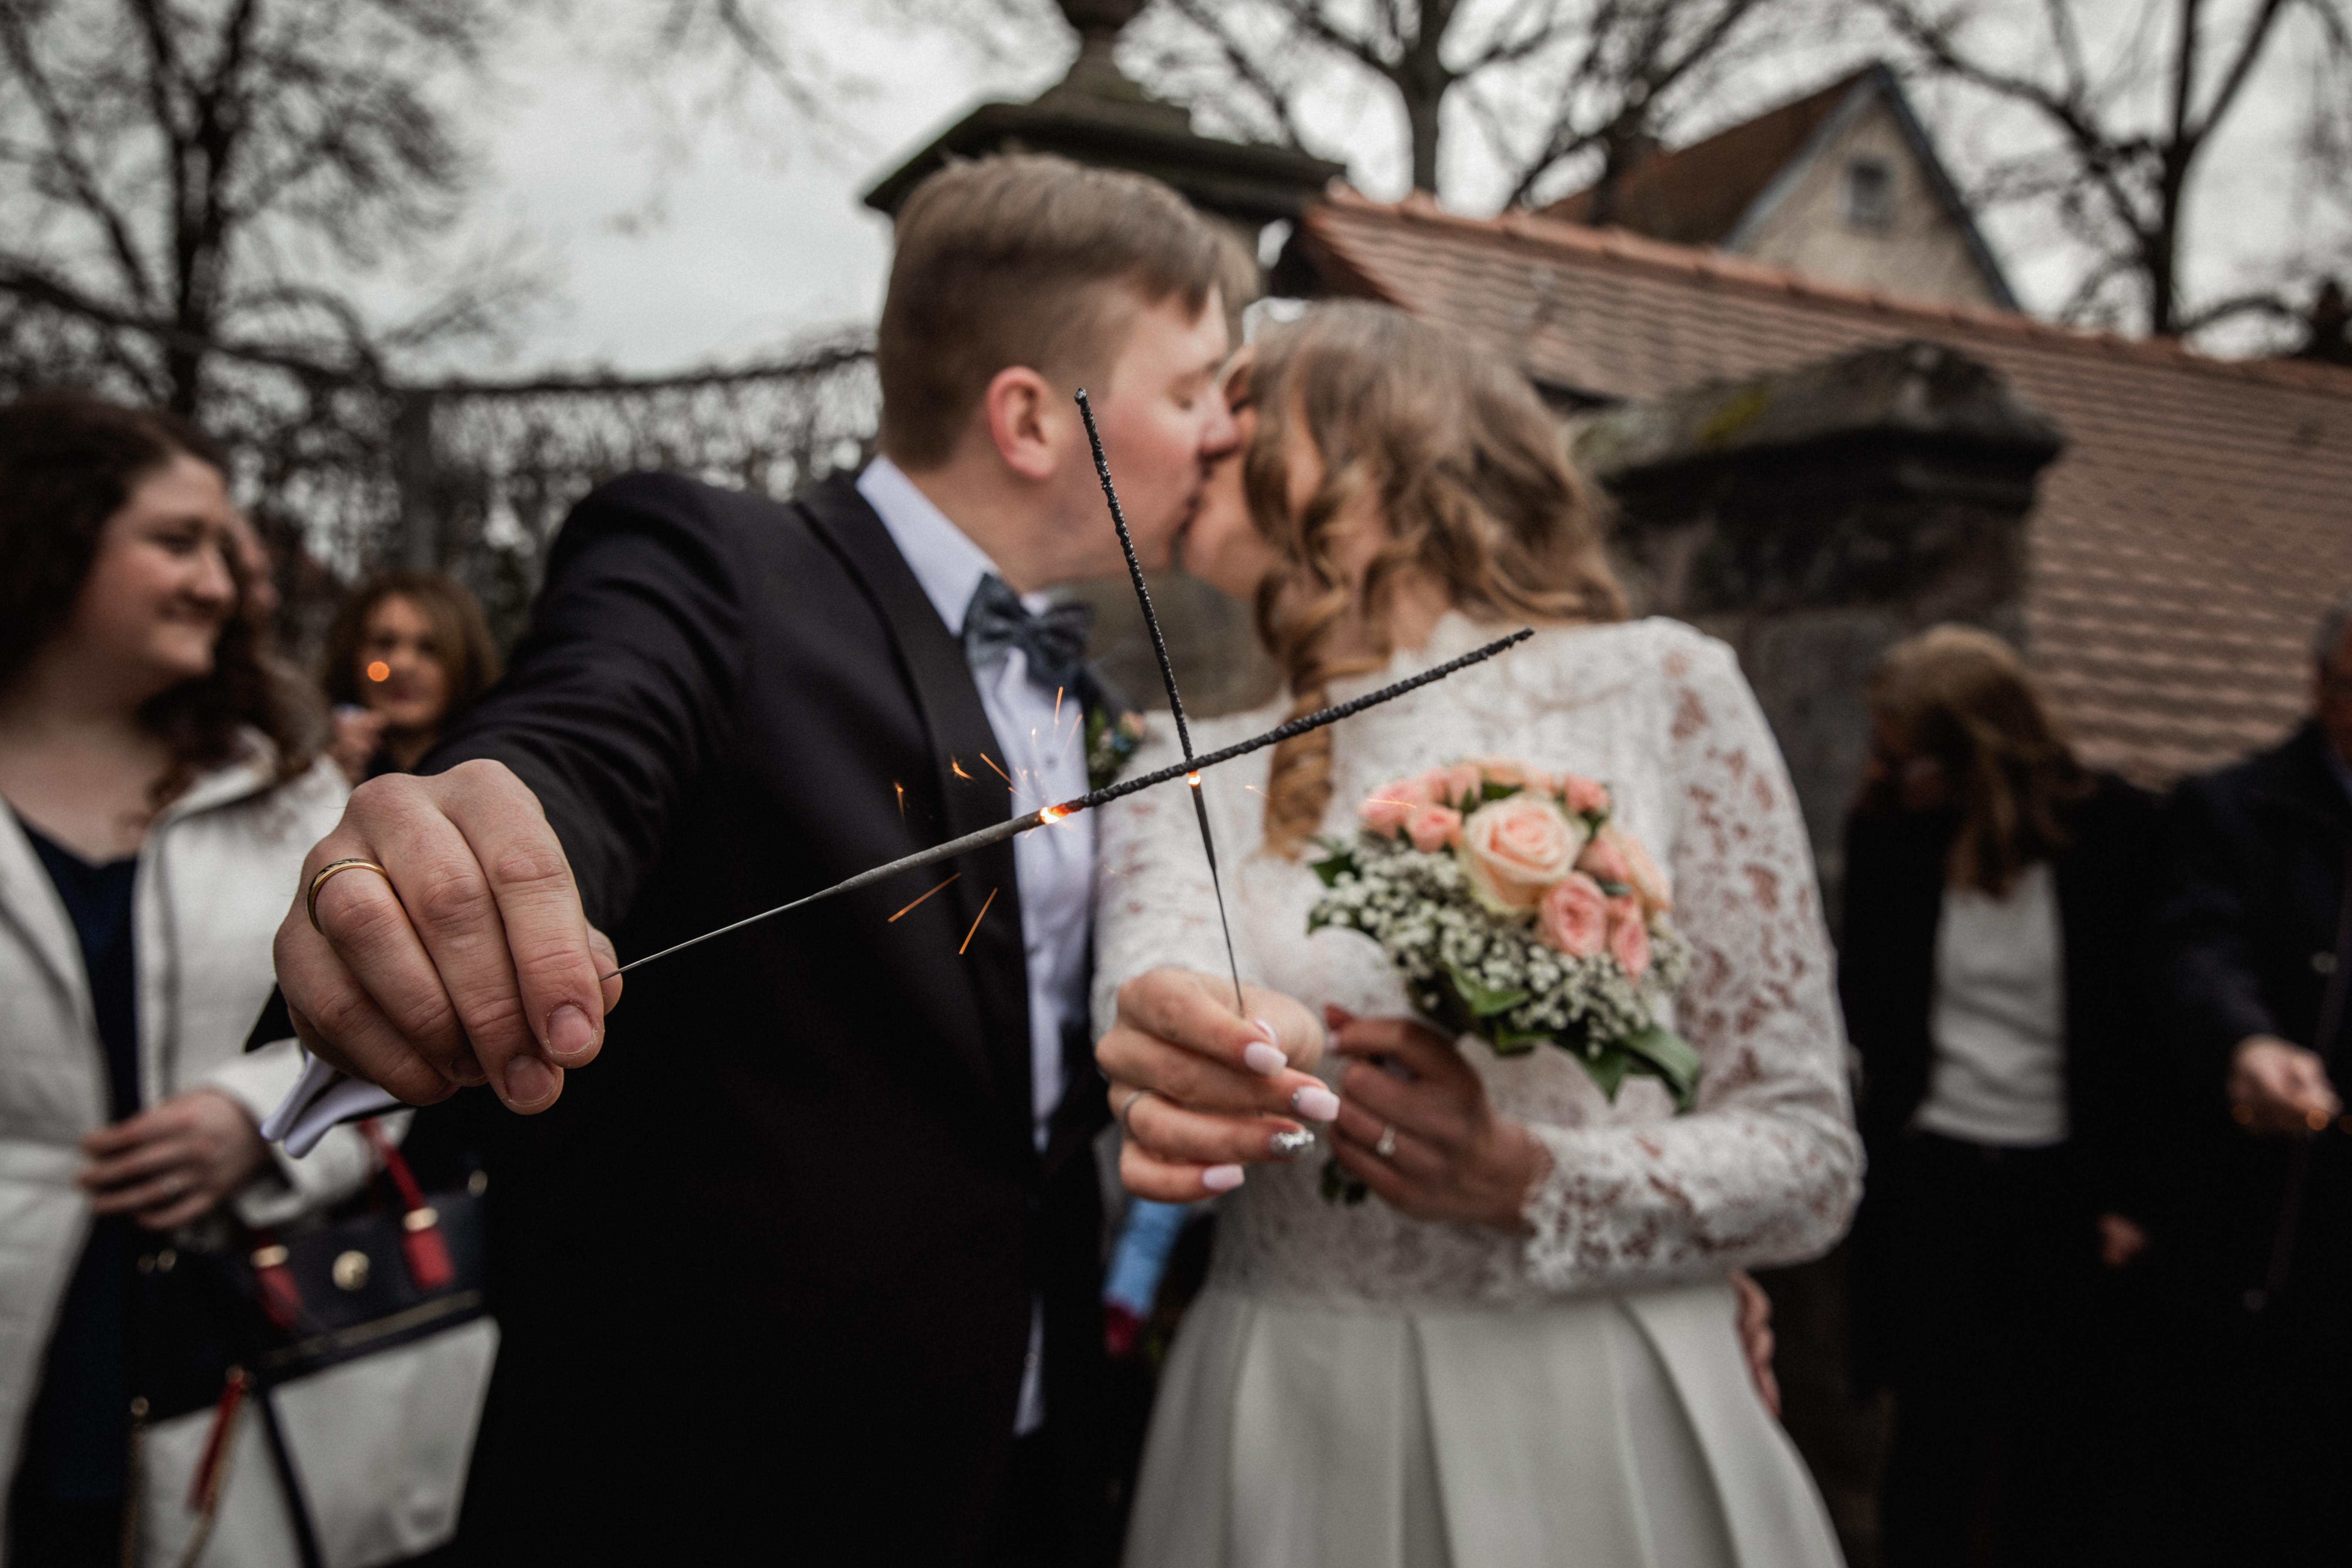 Hochzeitsfotograf-Grossgruendlach-Standesamt-Hallerschloss-Urbanerie-Stazija-und-Michael-072